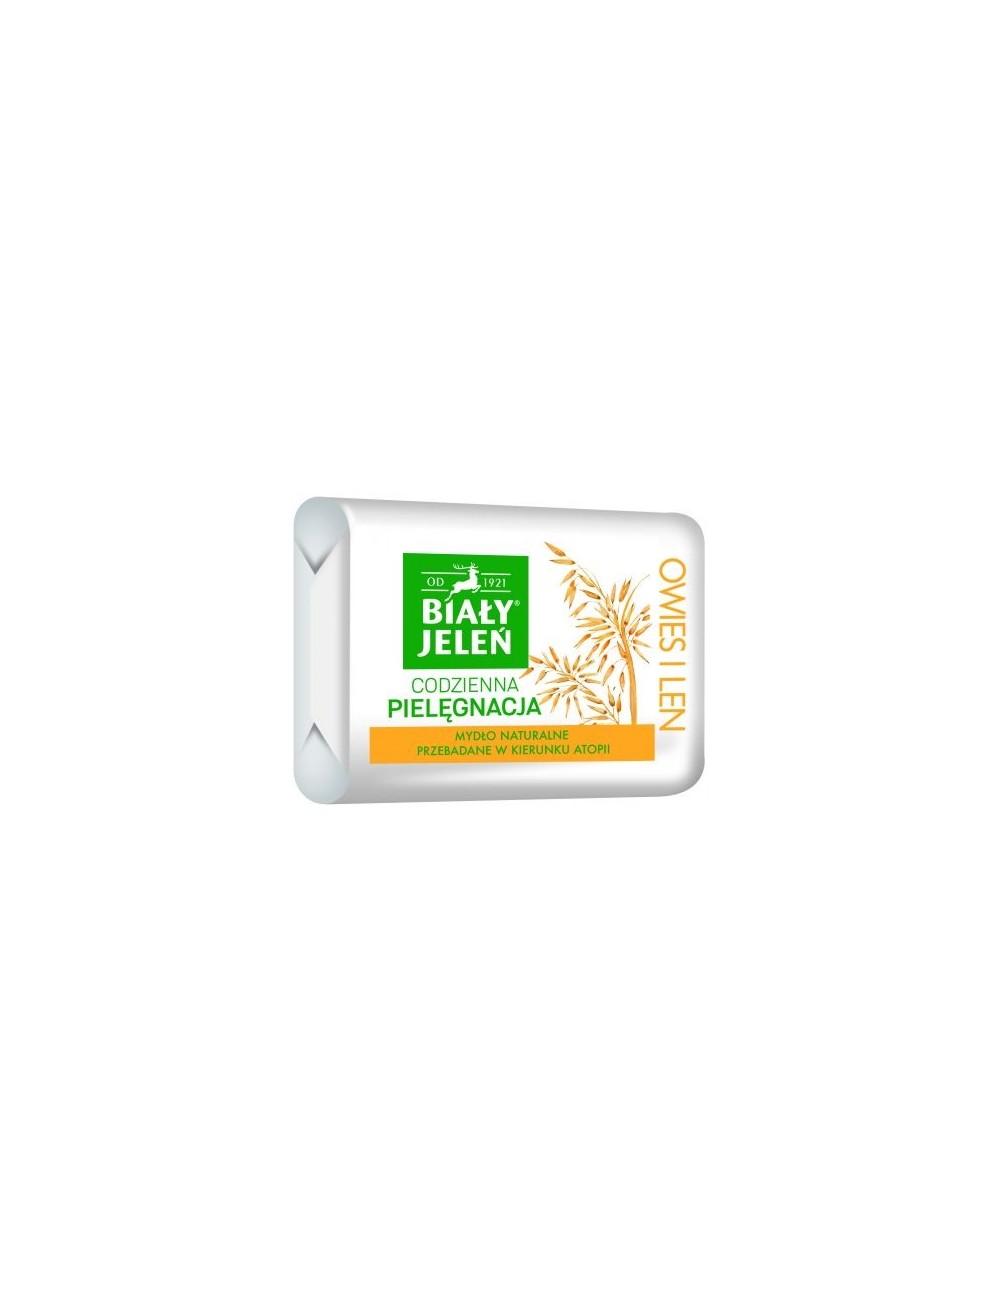 Biały Jeleń Hipoalergiczny Mydło Naturalne Premium z Owsem i Lnem 100 g